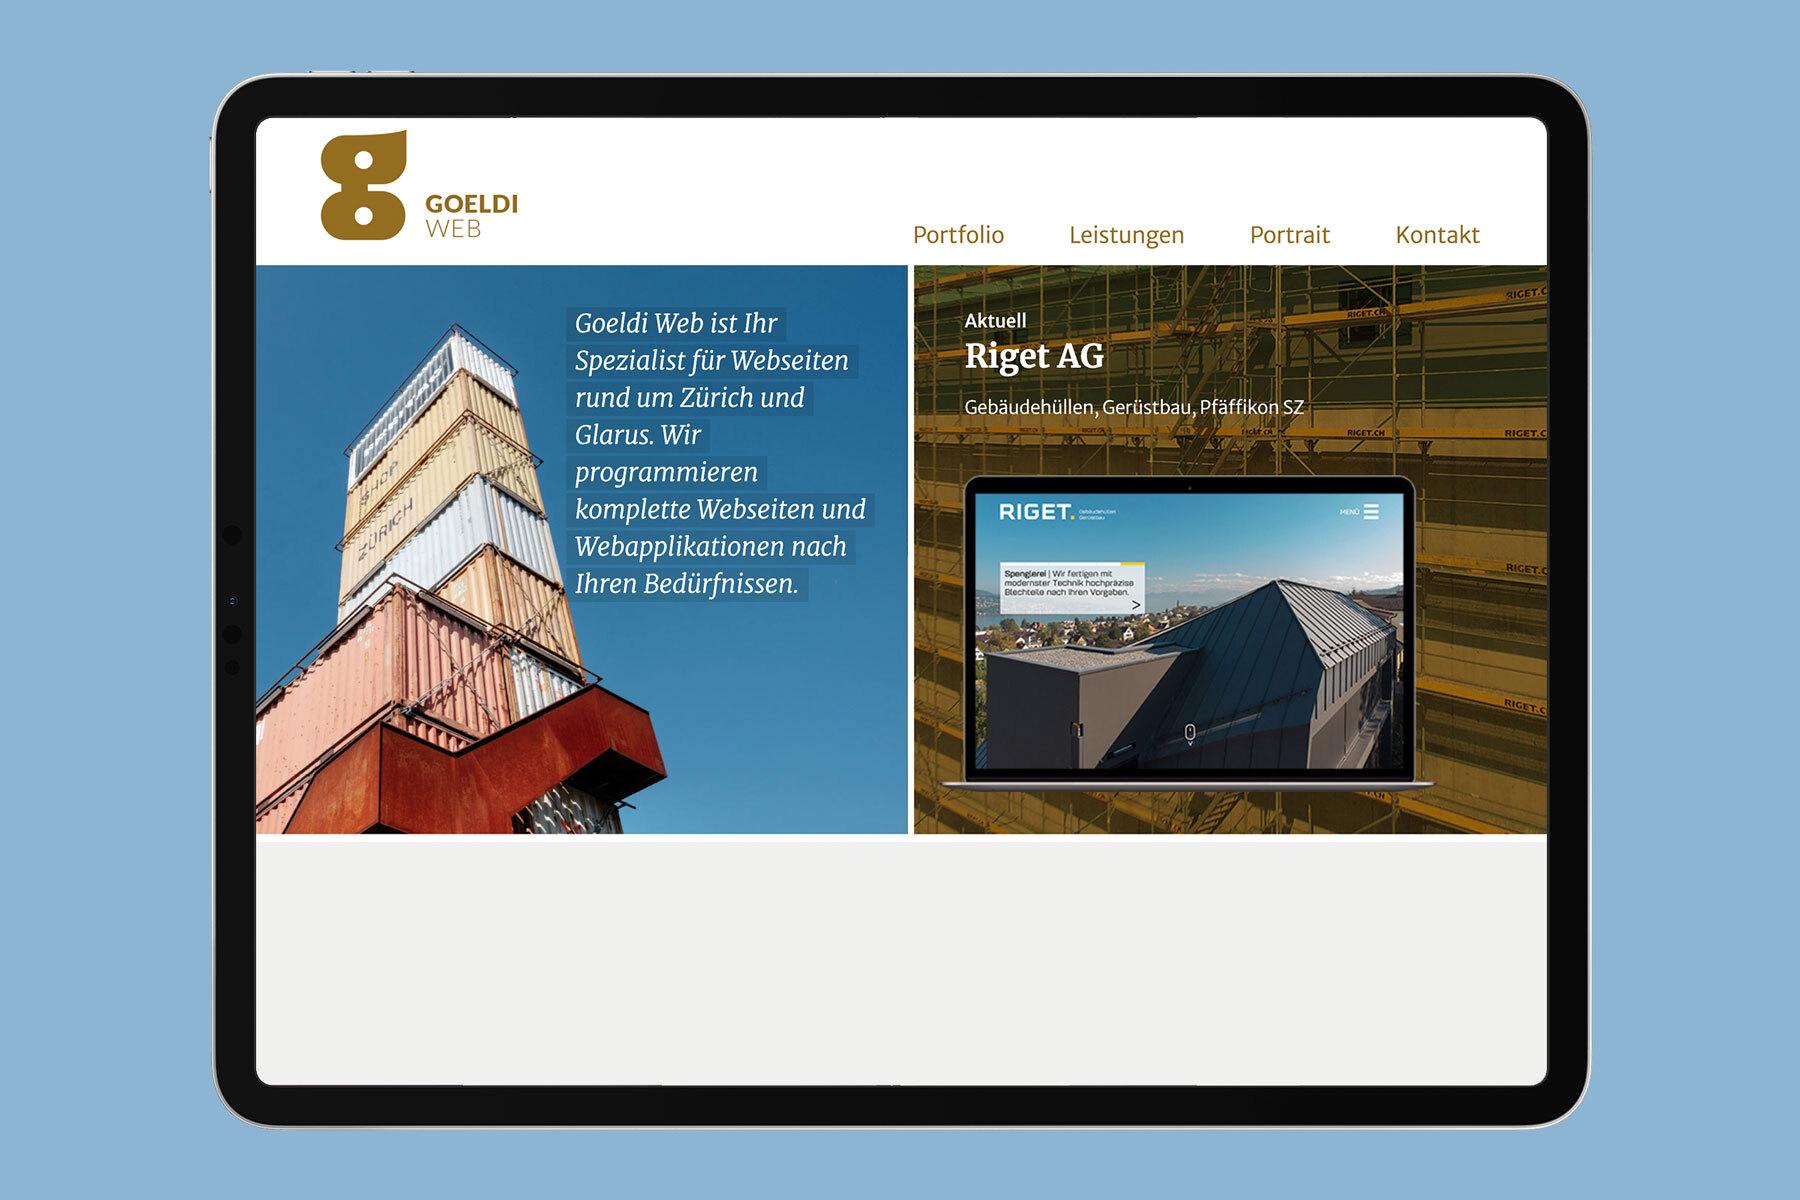 Schweizer Grafik Goeldi Web